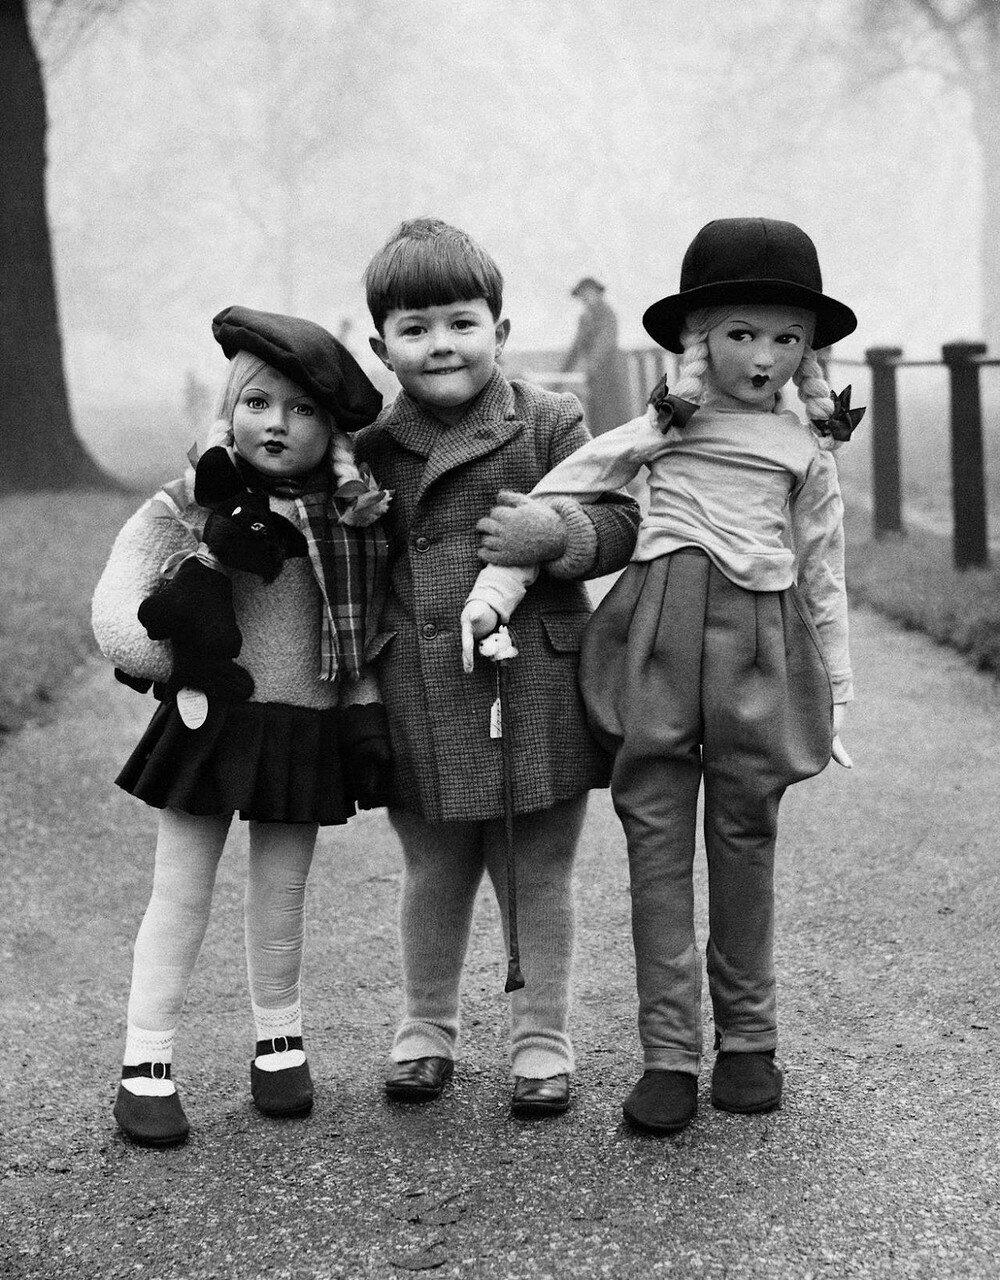 1950-е. Мальчик с двумя большими куклами